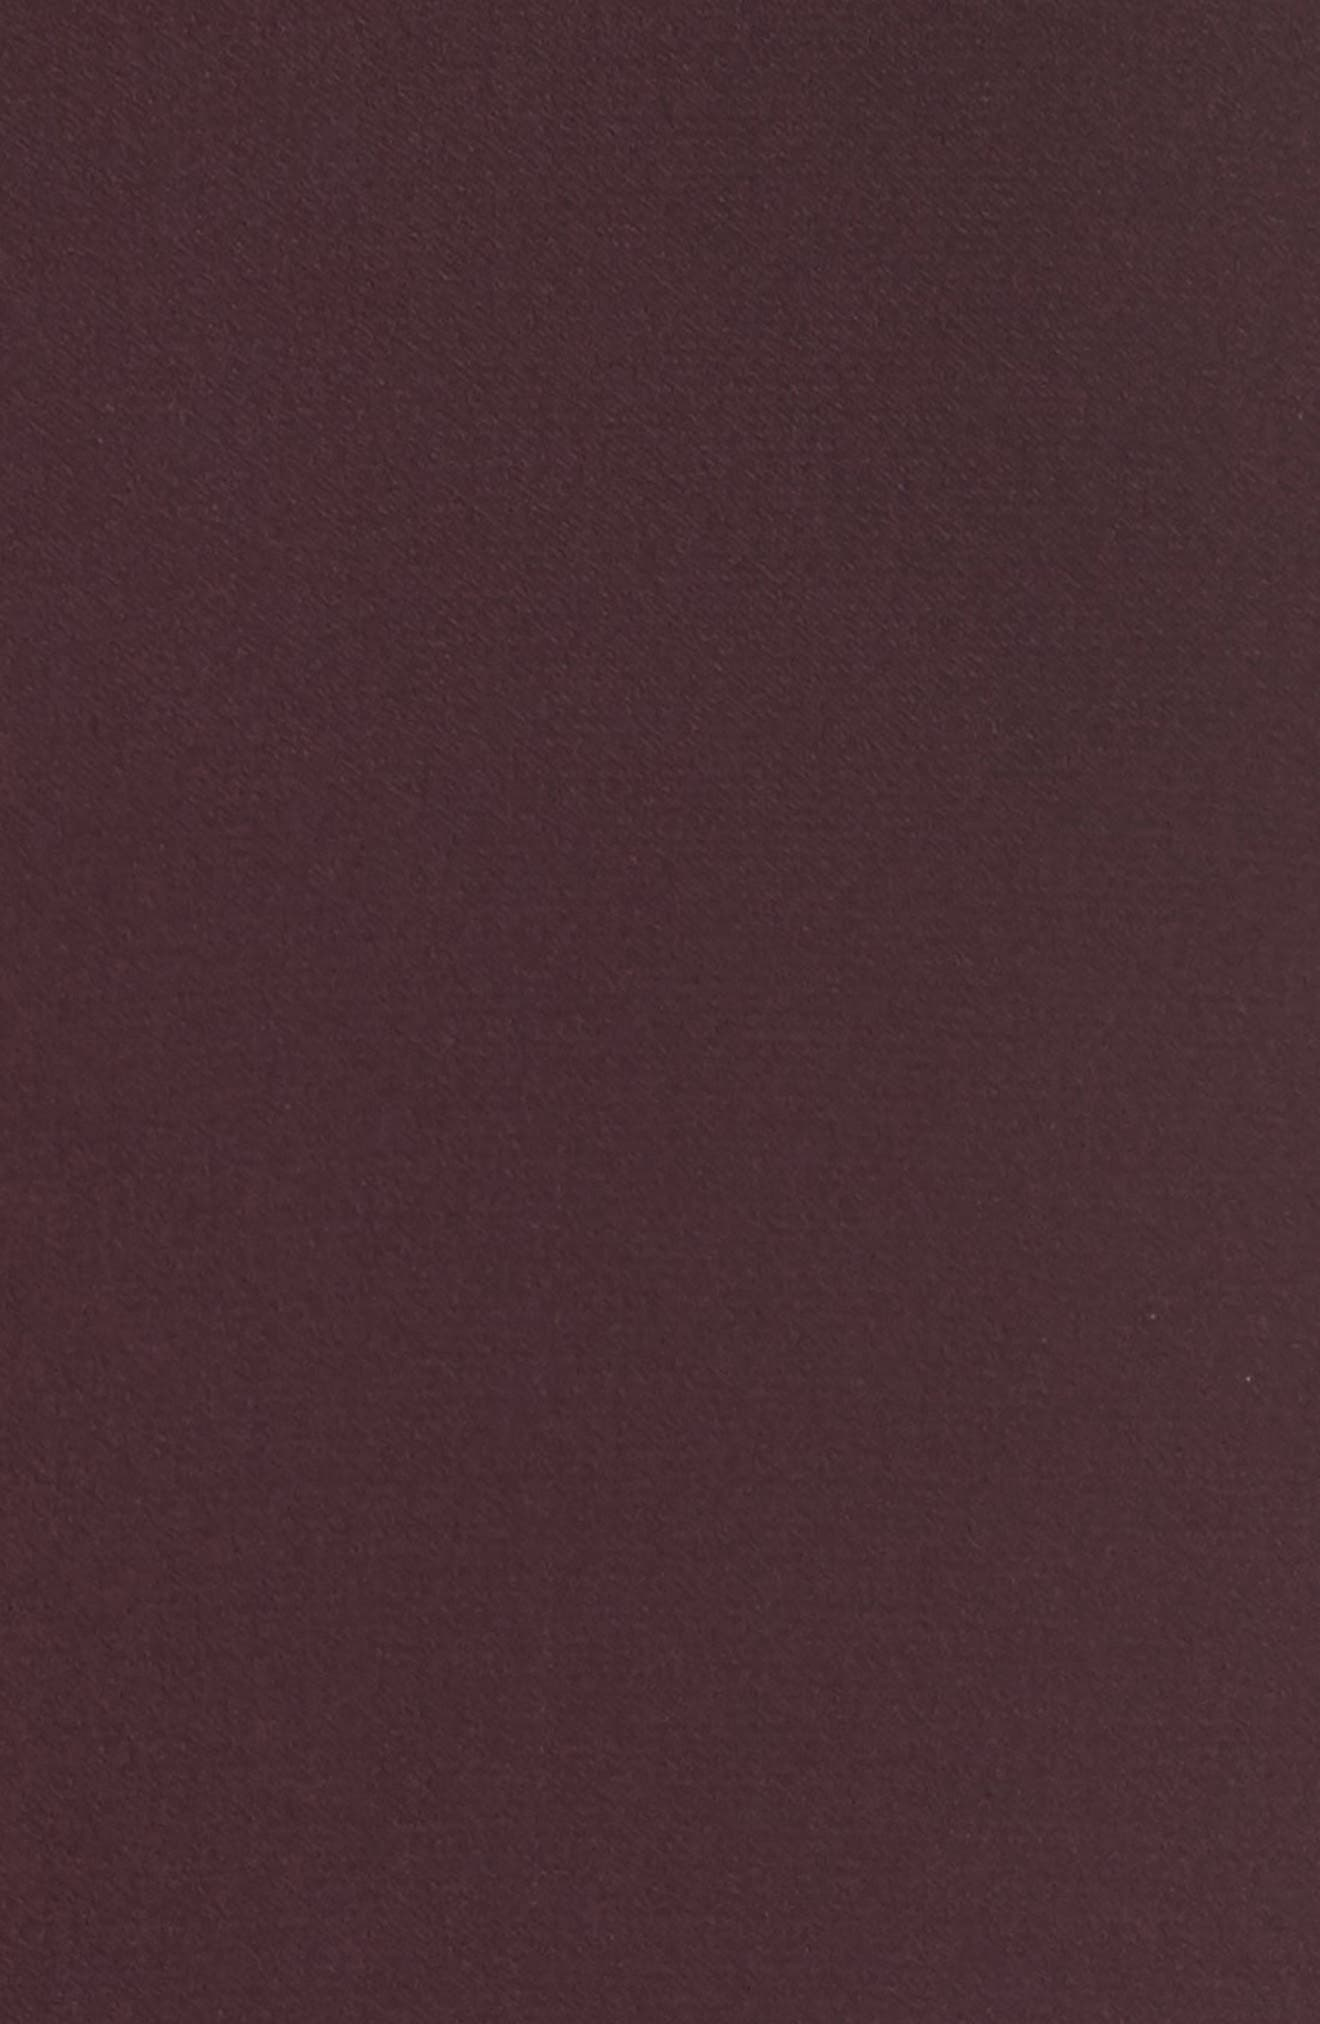 V-Back Shift Dress,                             Alternate thumbnail 7, color,                             Burgundy Stem